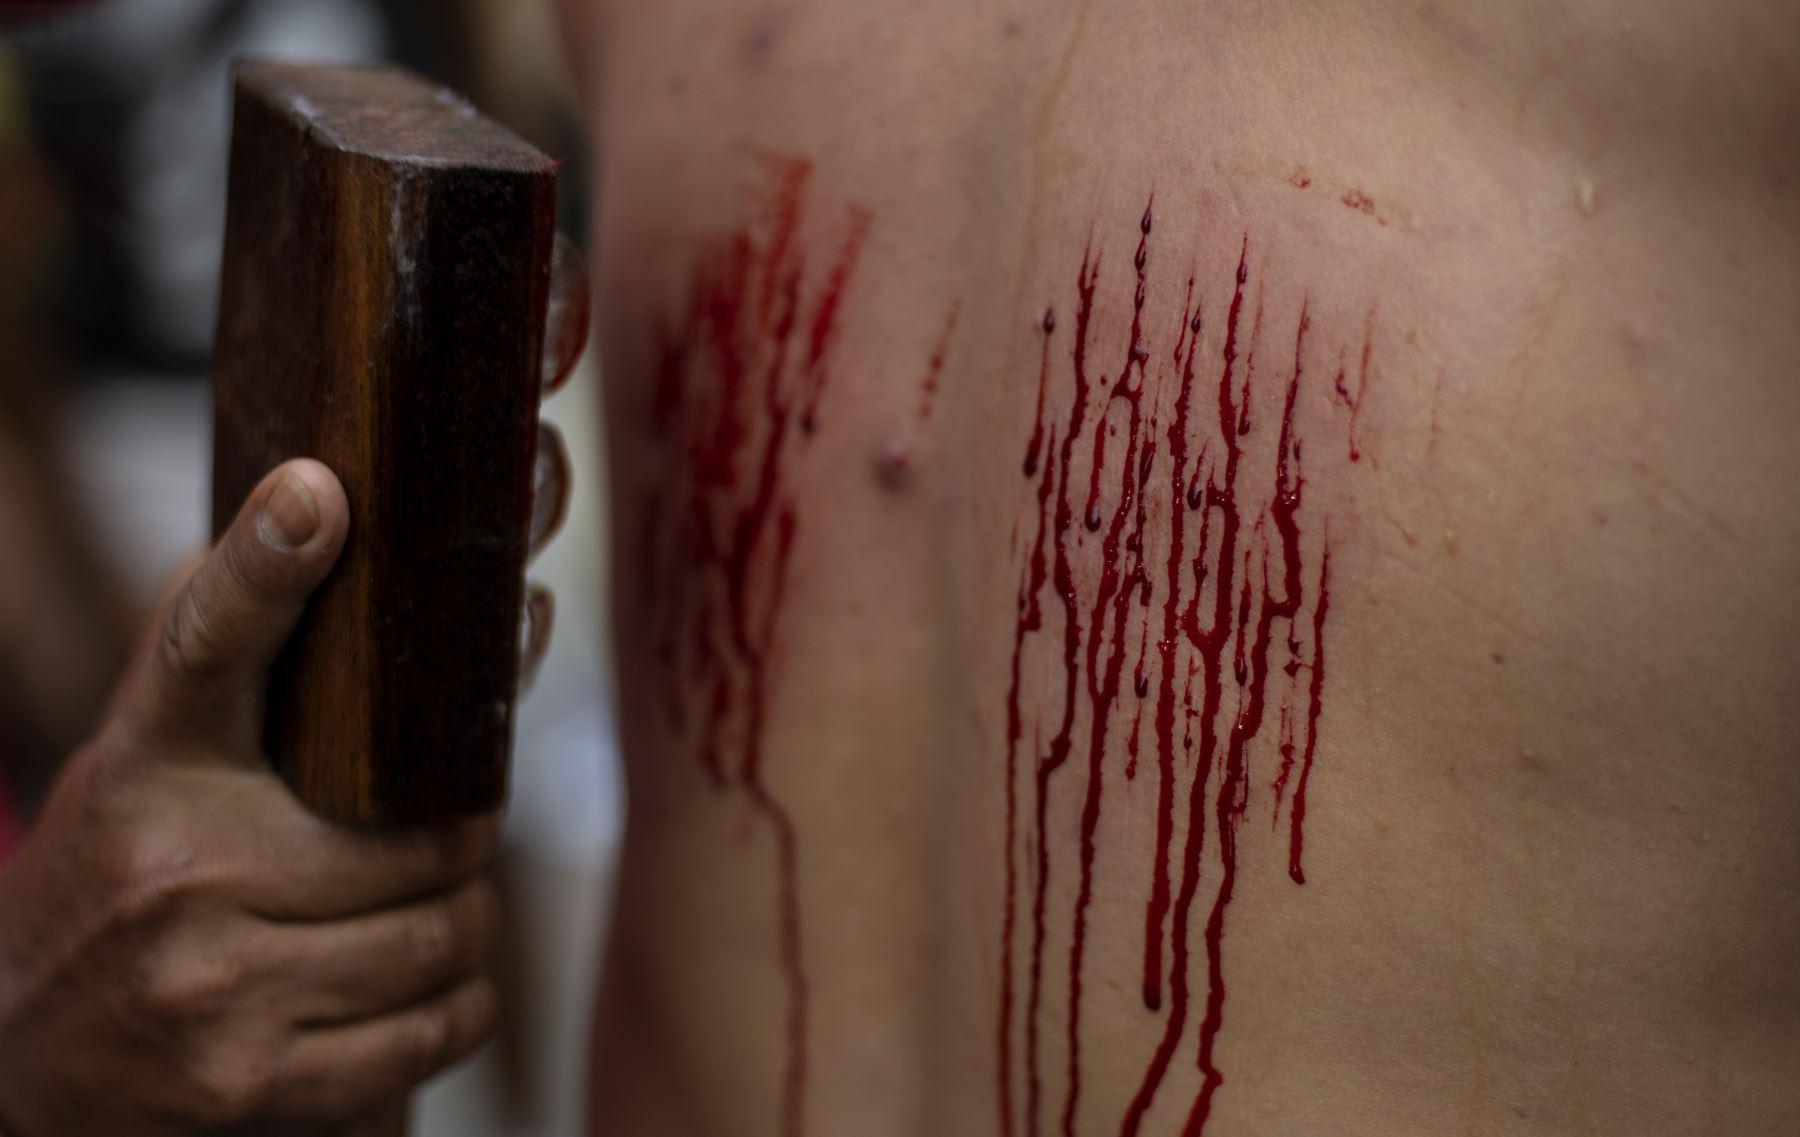 Un flagelante tiene su espalda herida como parte de su penitencia durante la recreación de la crucifixión de Jesucristo para el Viernes Santo en San Juan, Pampanga, al norte de Manila Foto: AFP